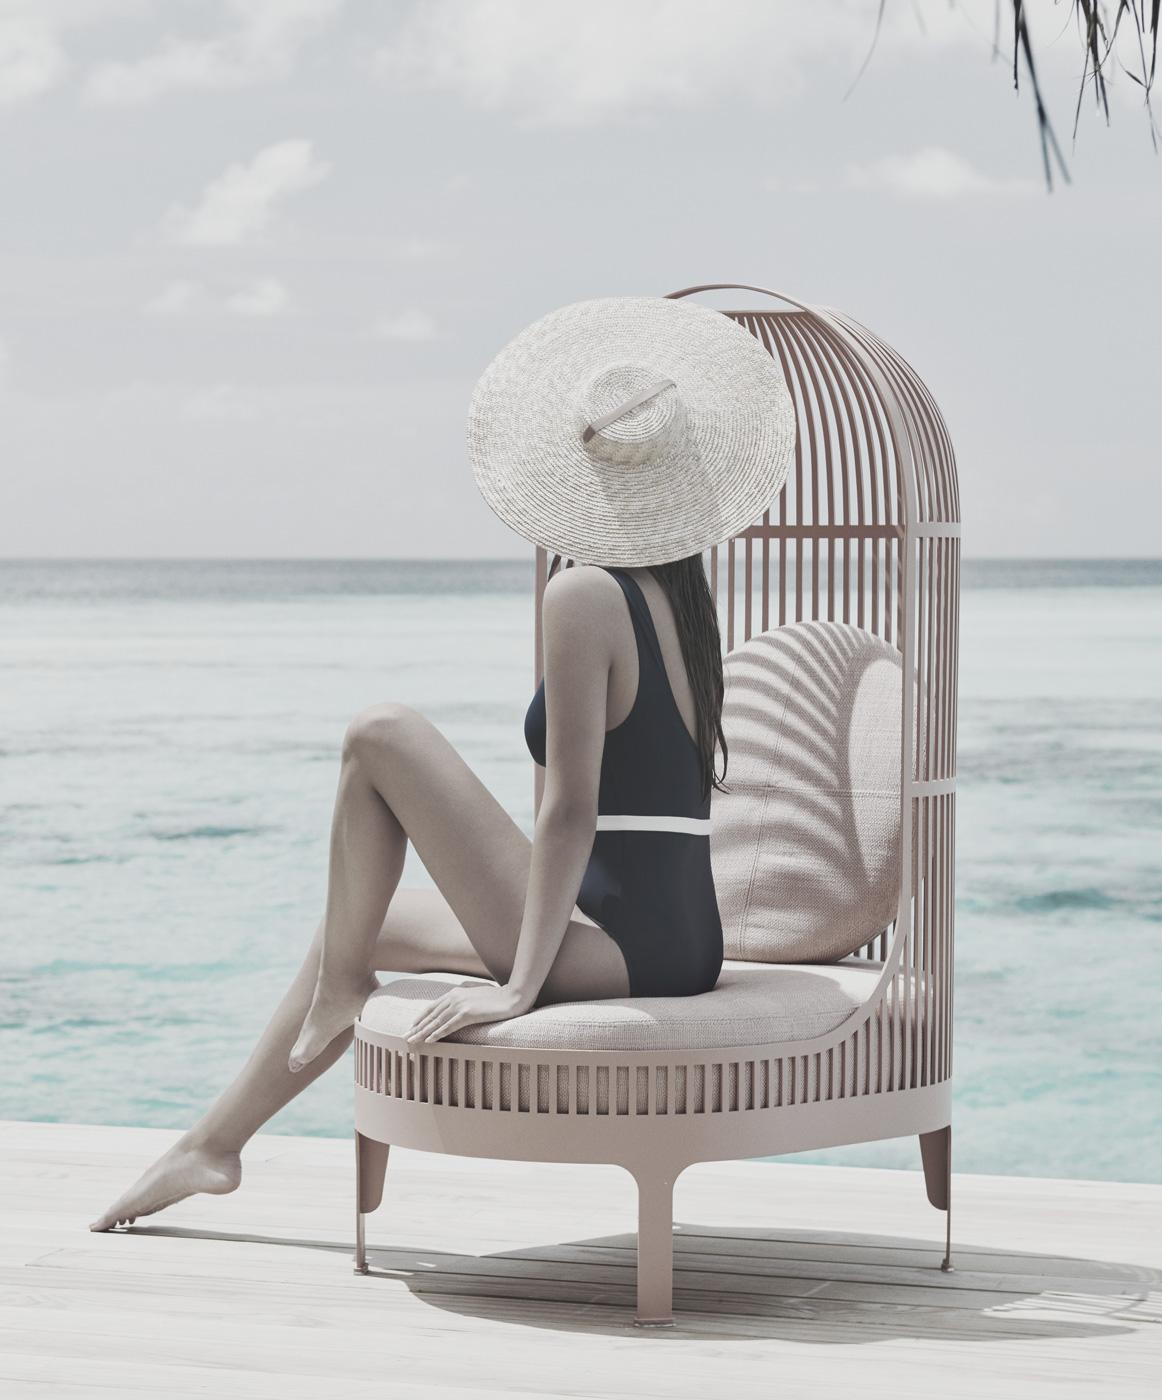 Frau sitzt auf Stuhl am Meer